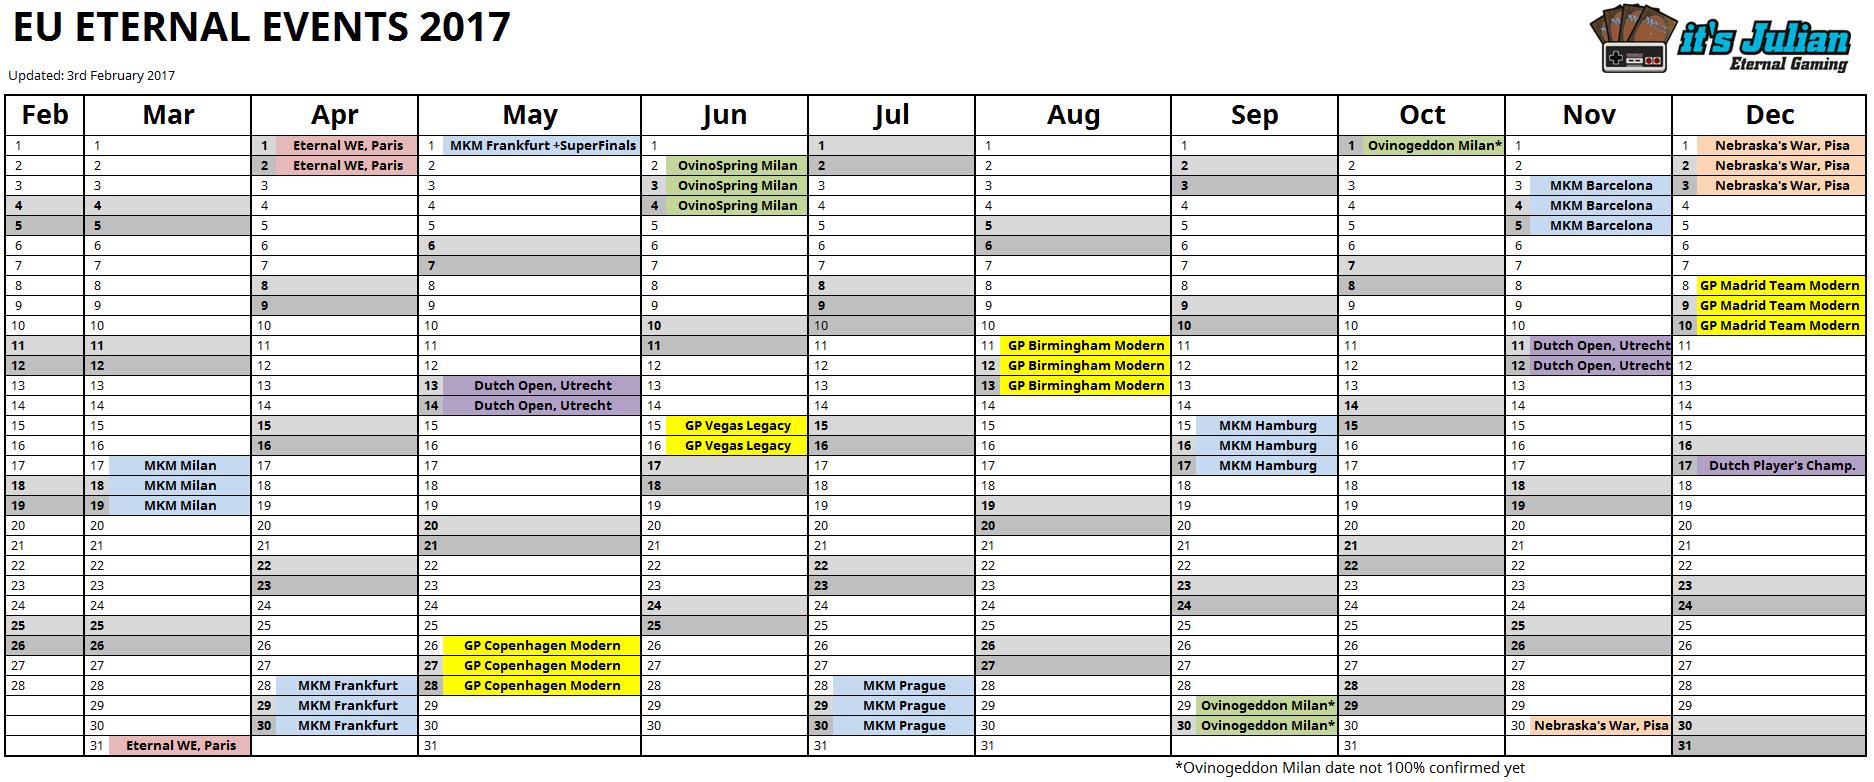 EU Eternal Calendar 2017 image